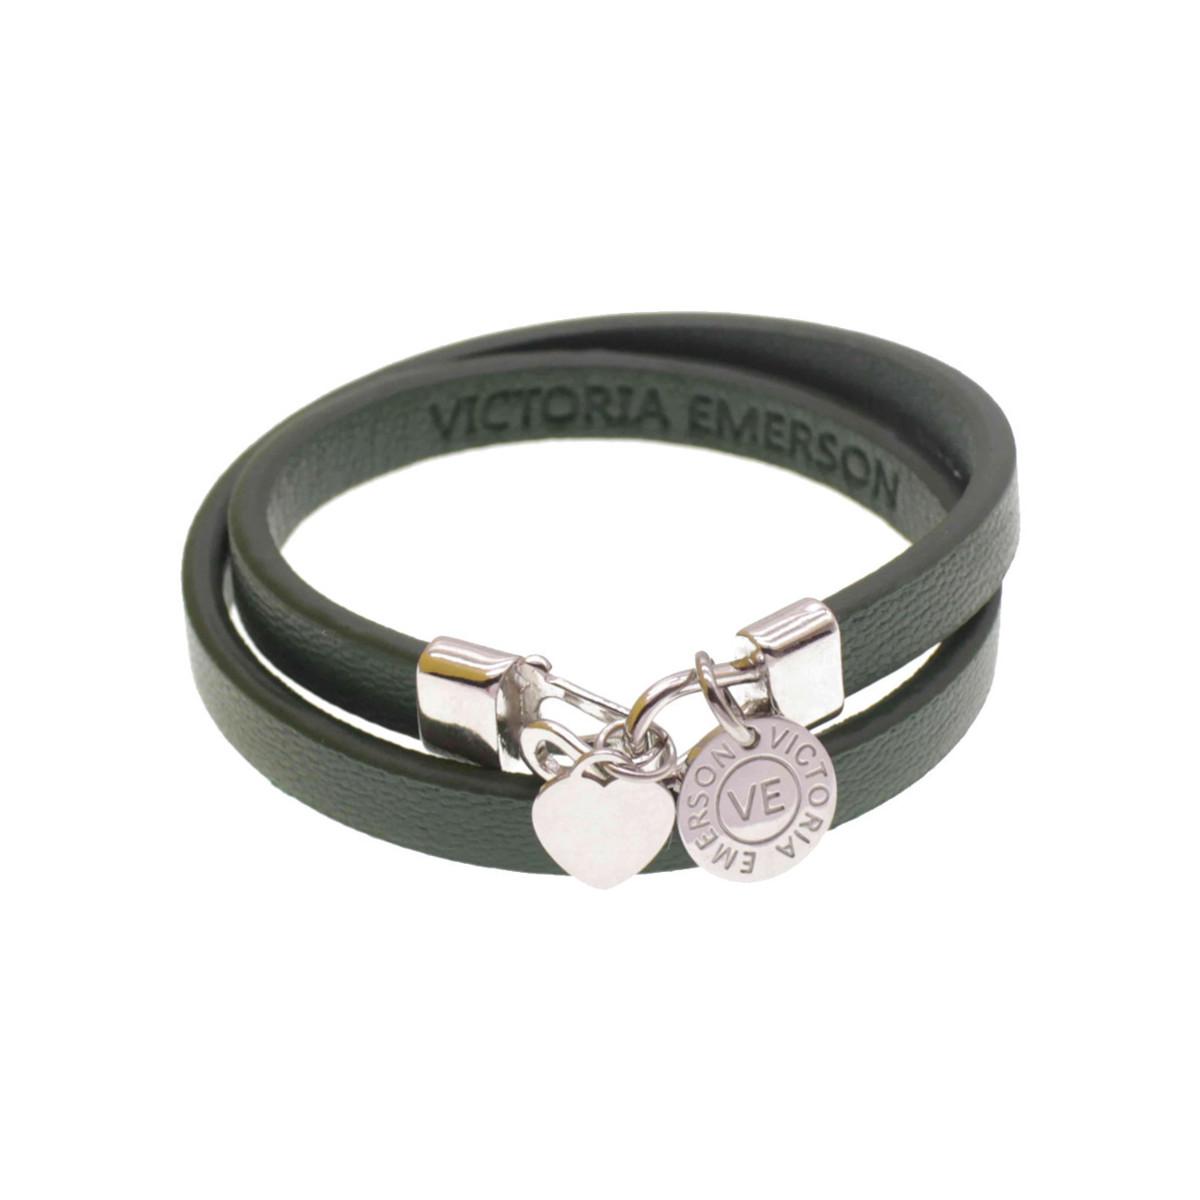 Victoria Emerson Heart Double Wrap Bracelet